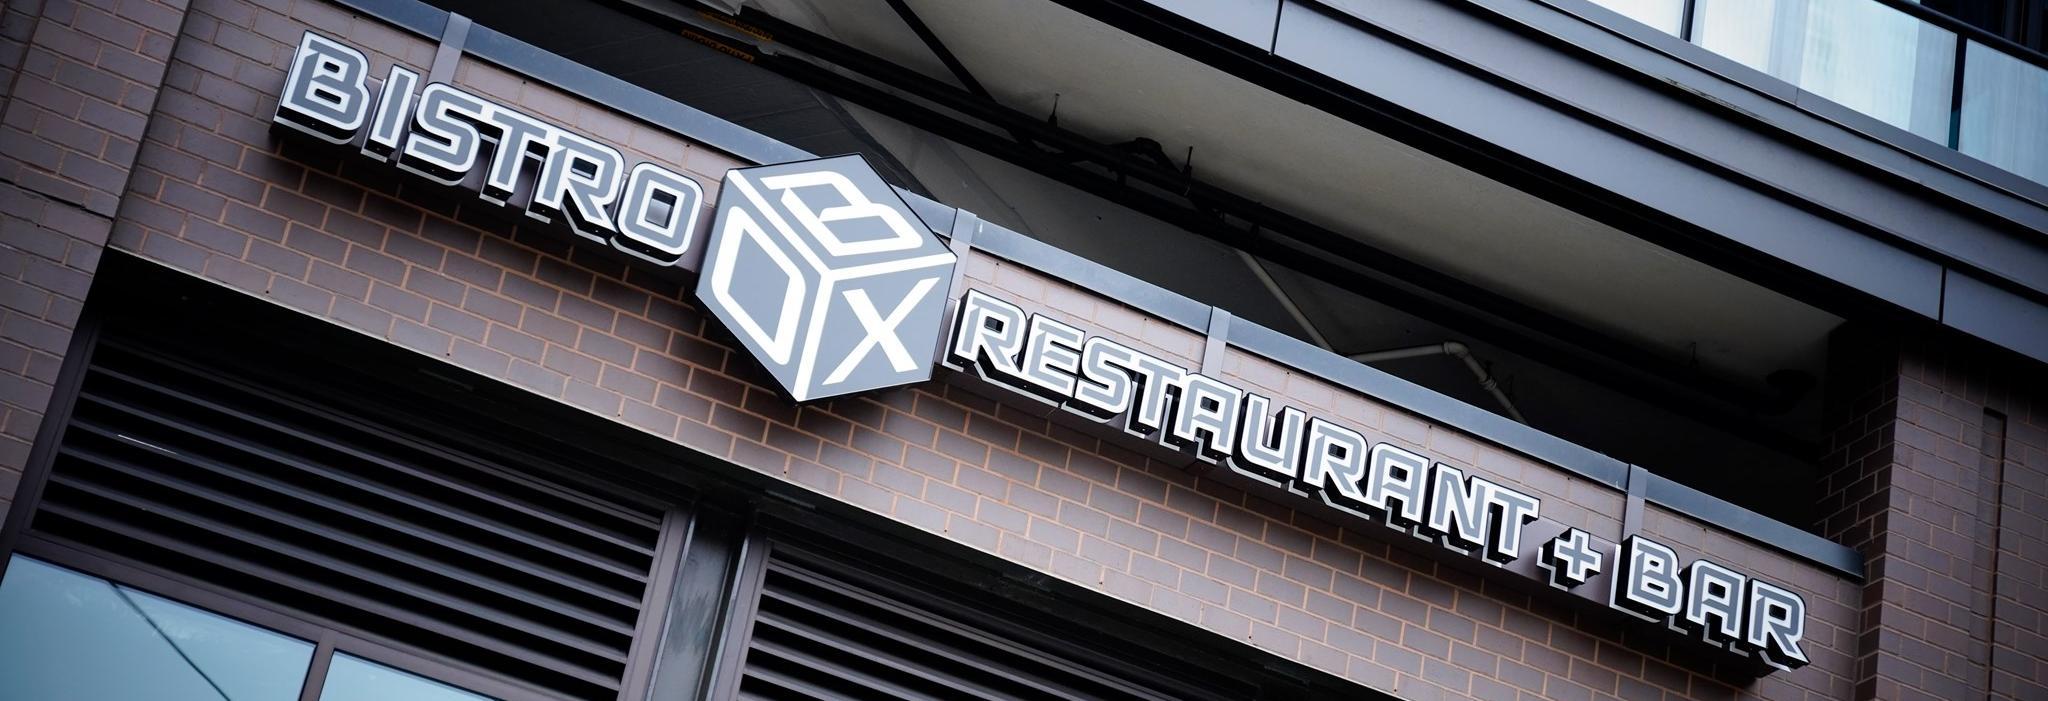 Bistro Box Restaurant & Bar in Seattle, WA banner image